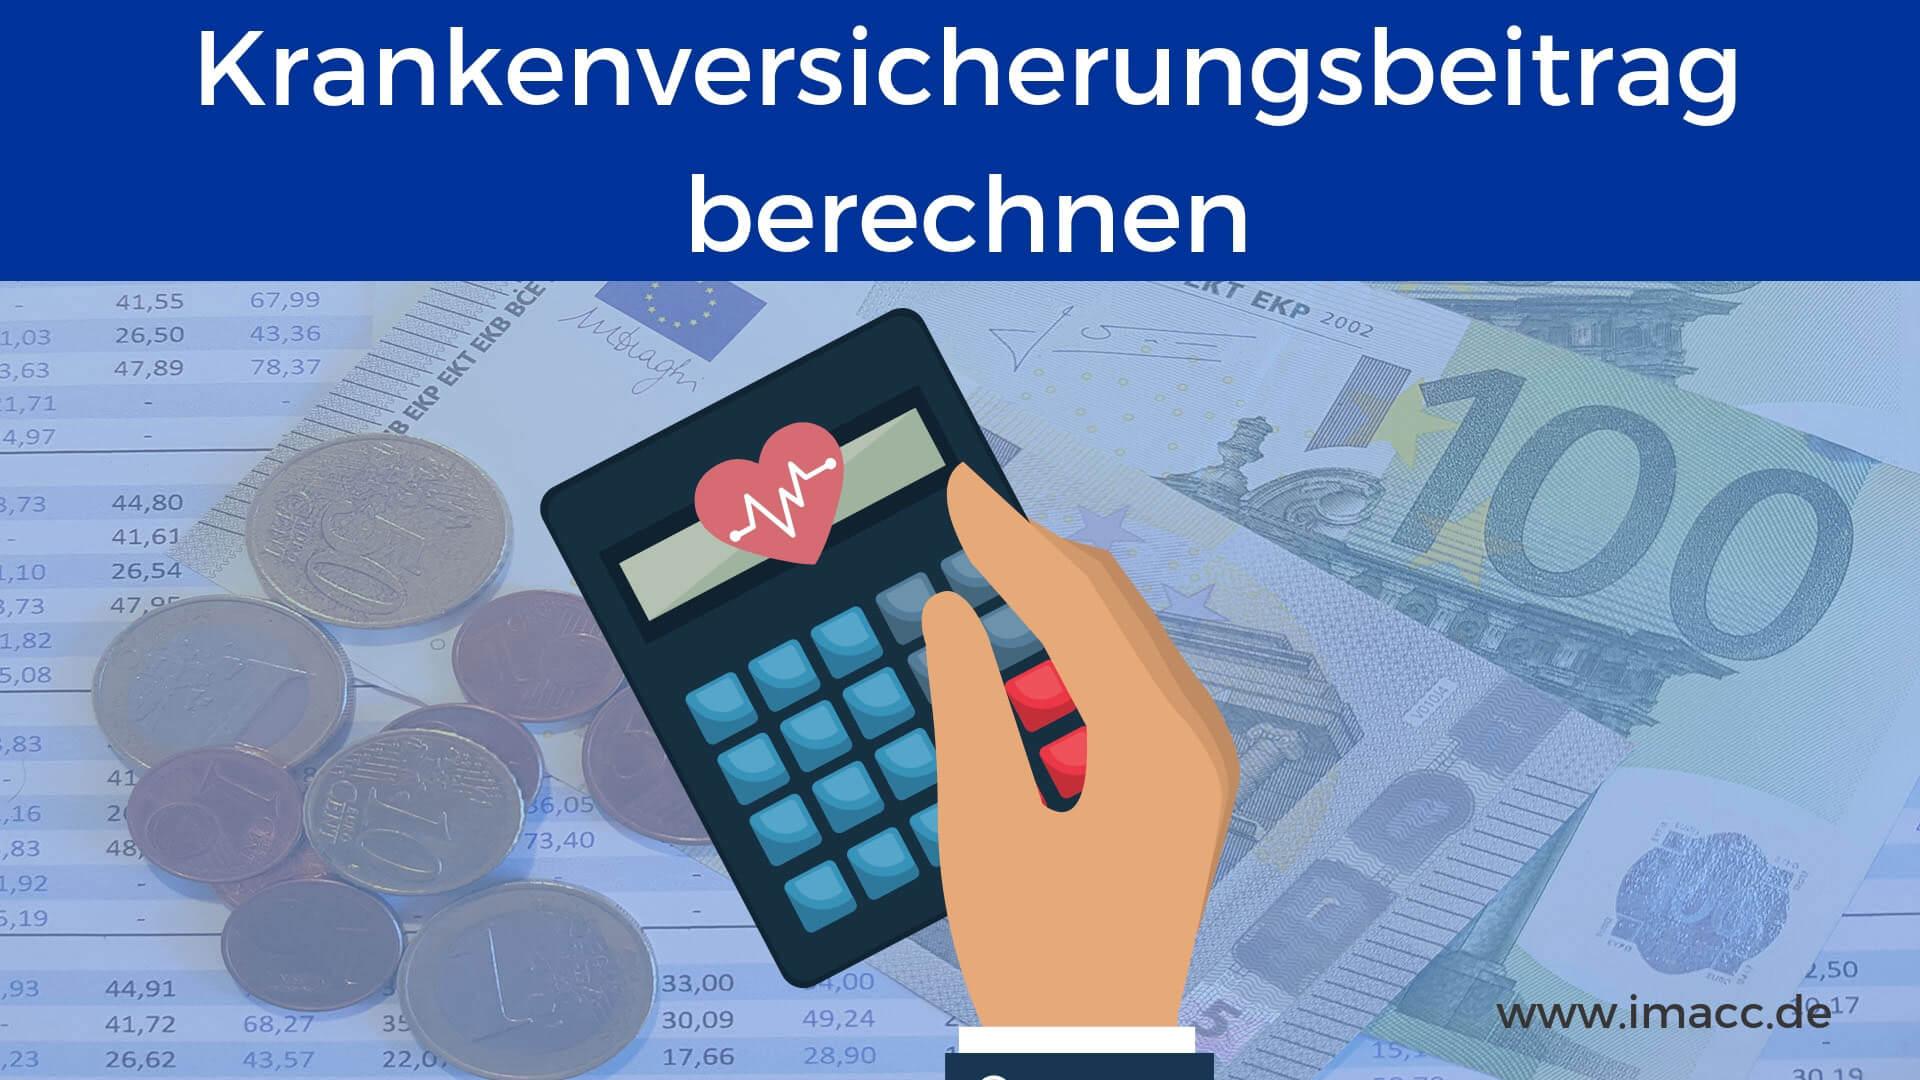 Krankenversicherung Beitrag 2021 | Beitragssatz, Beiträge ...